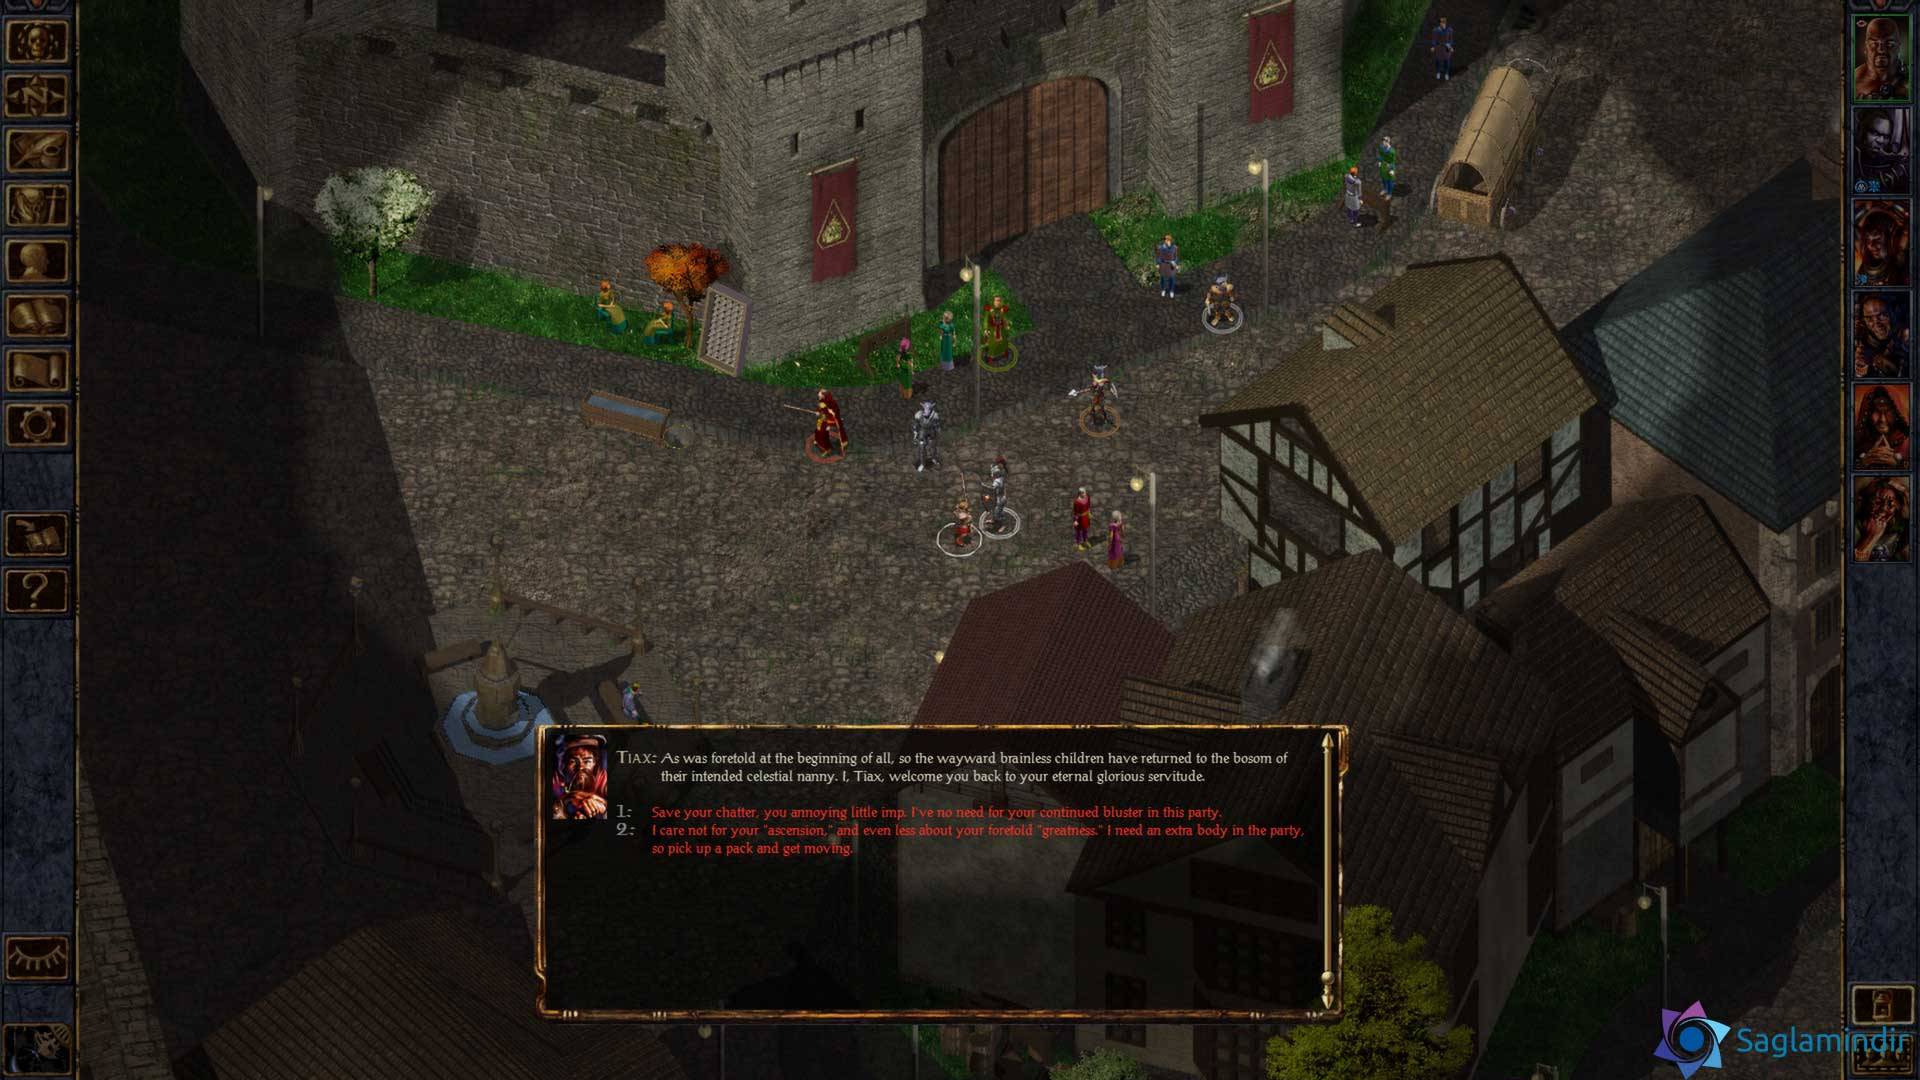 Baldur's Gate Enhanced Edition saglamindir